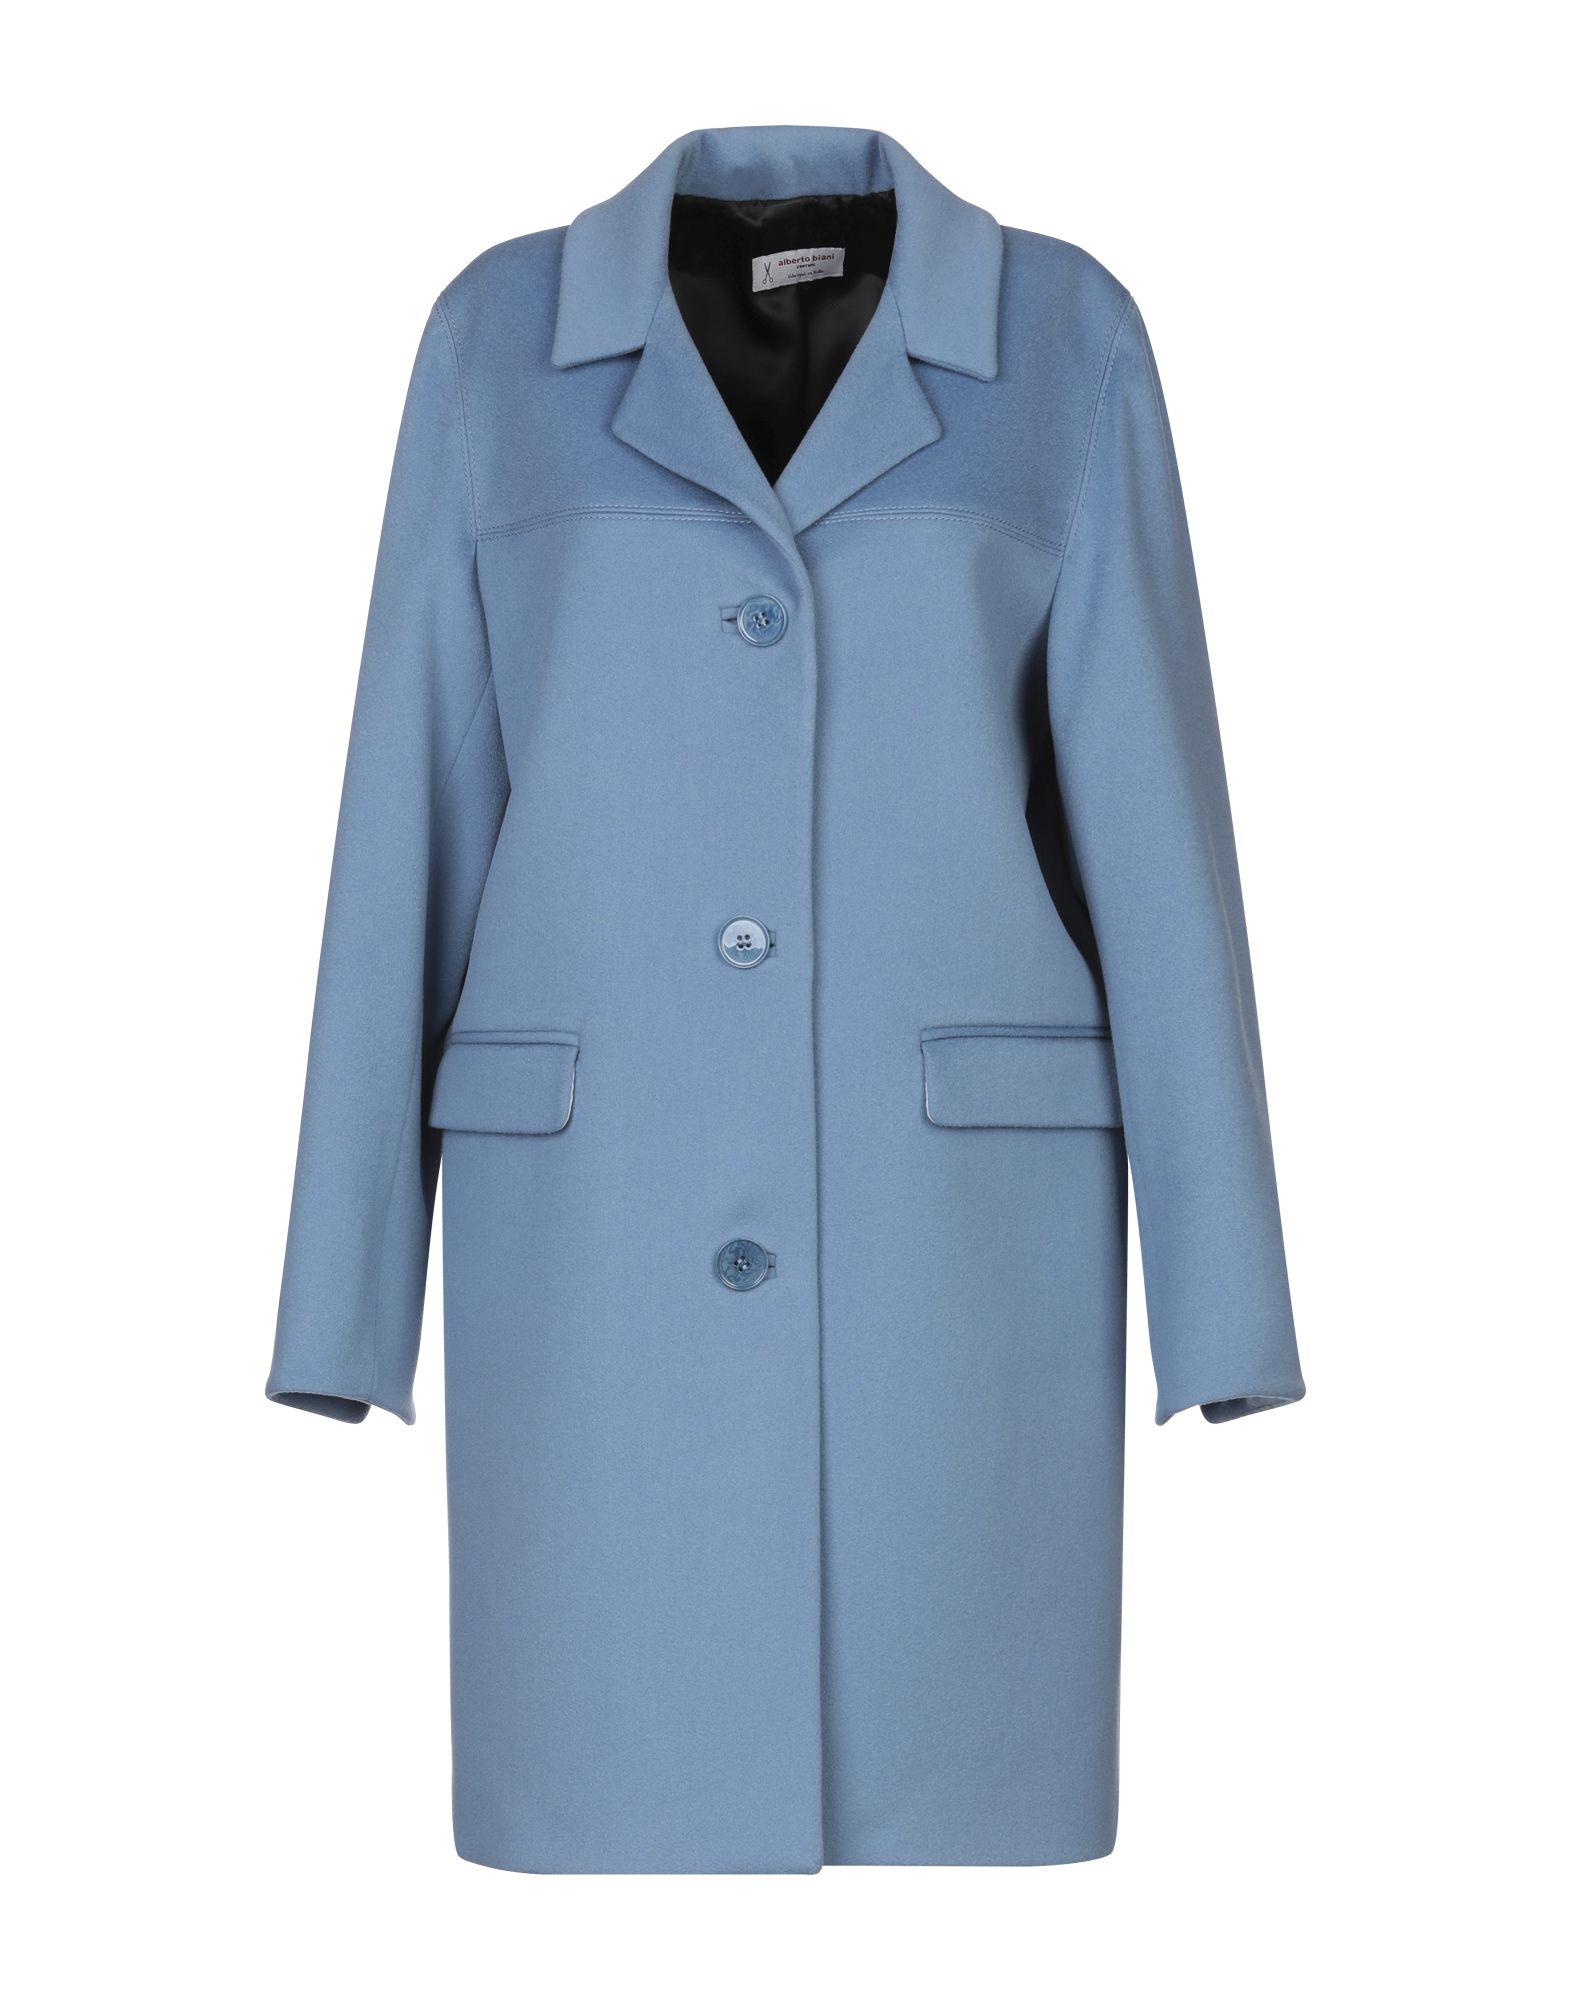 Cappotto Alberto Alberto Biani donna - 41900895RV  Online bestellen